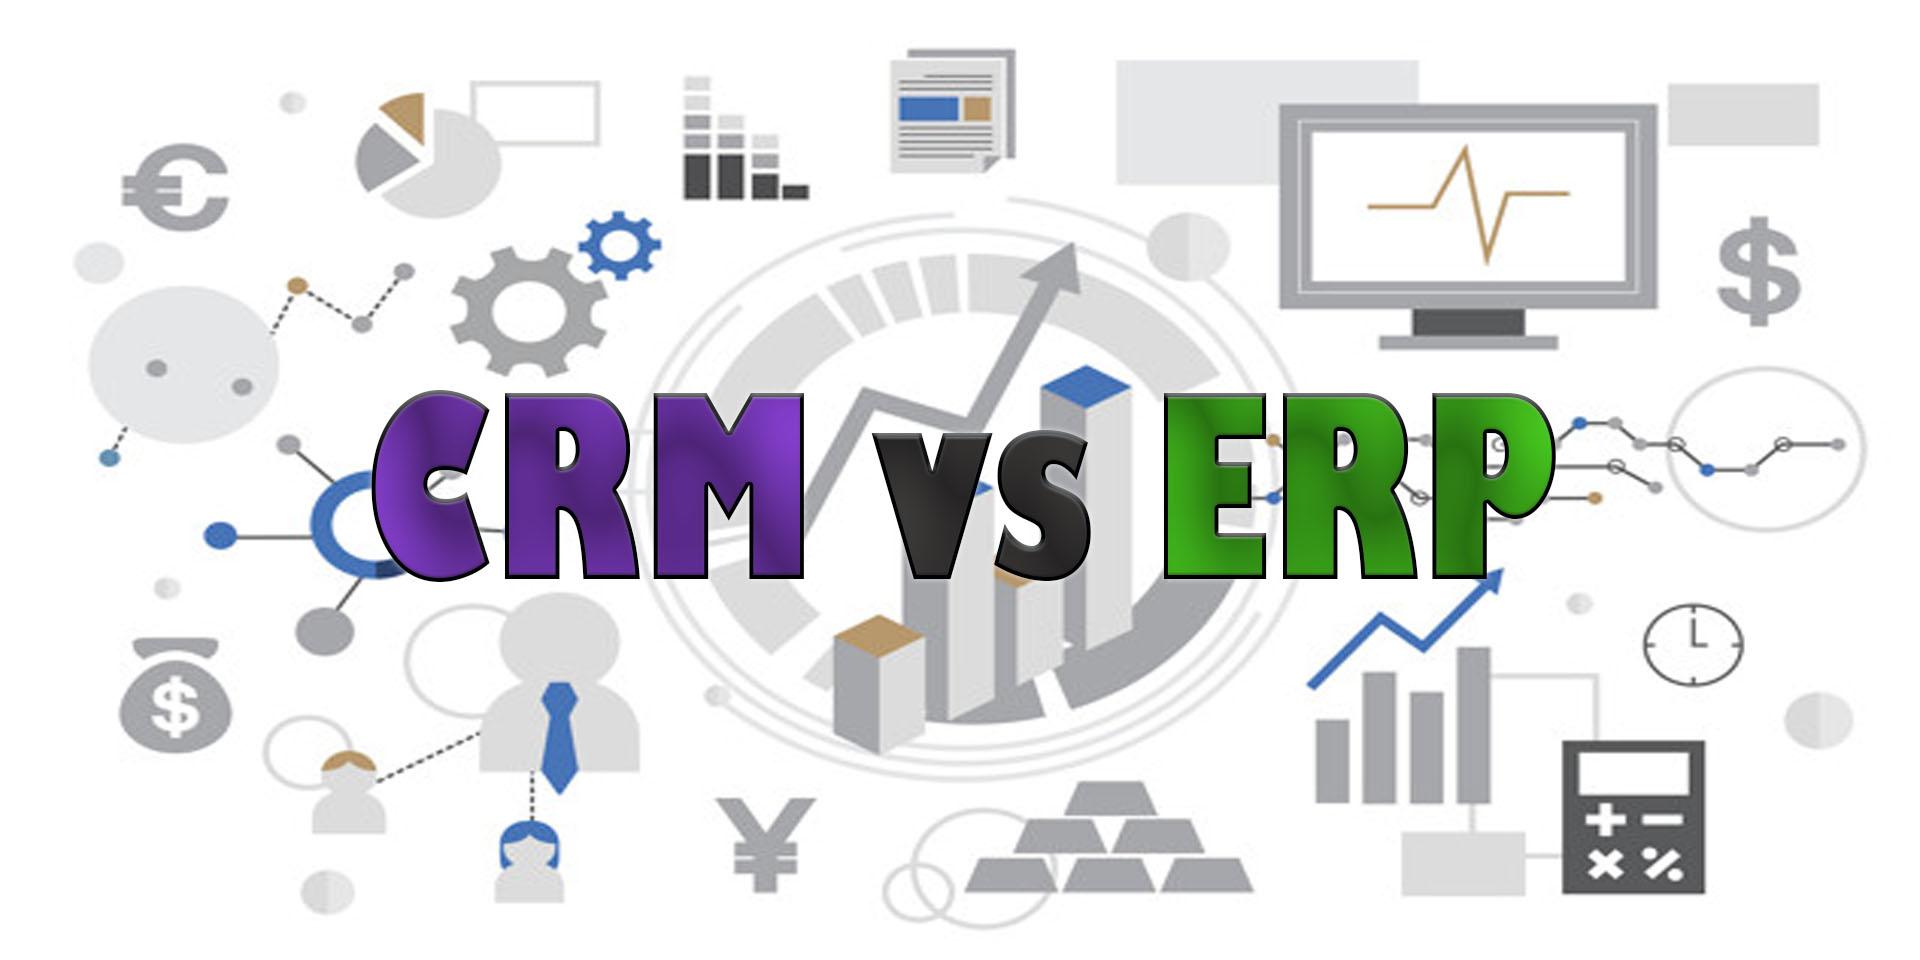 CRM vs ERP ¿cuál es la diferencia y cuál necesita mi empresa?